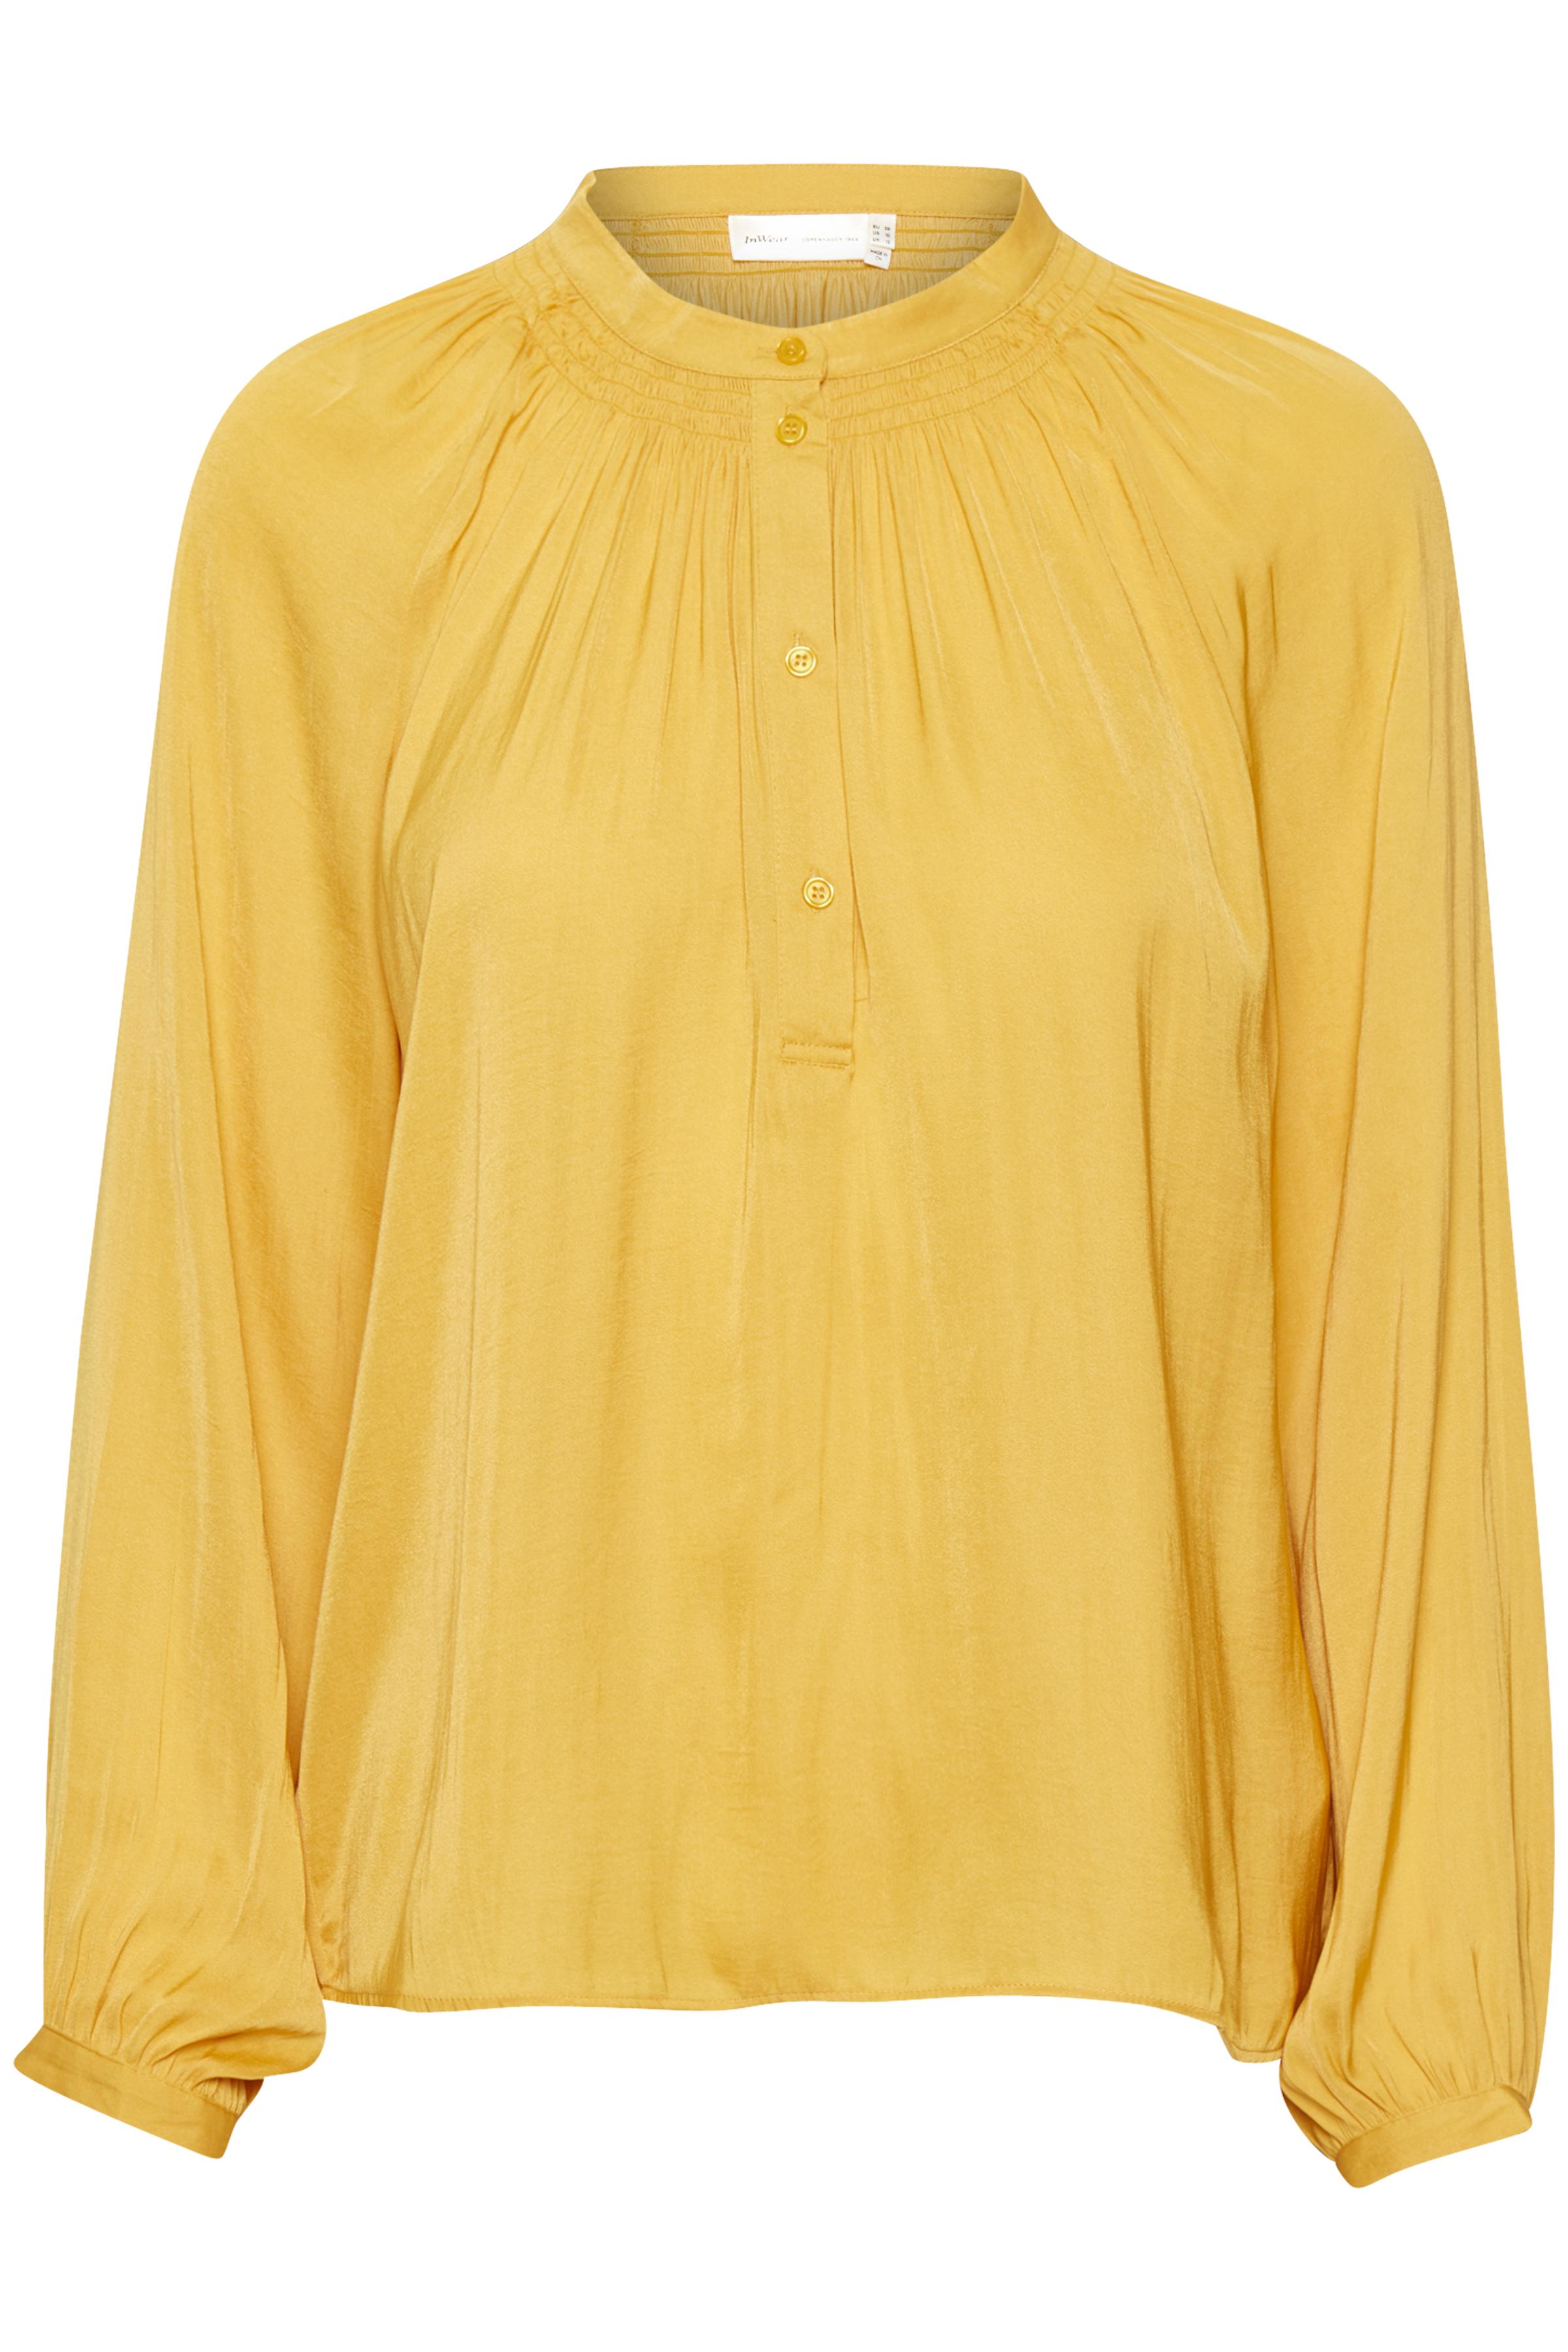 Image of   InWear Dame Langærmet skjorte - Golden Yellow